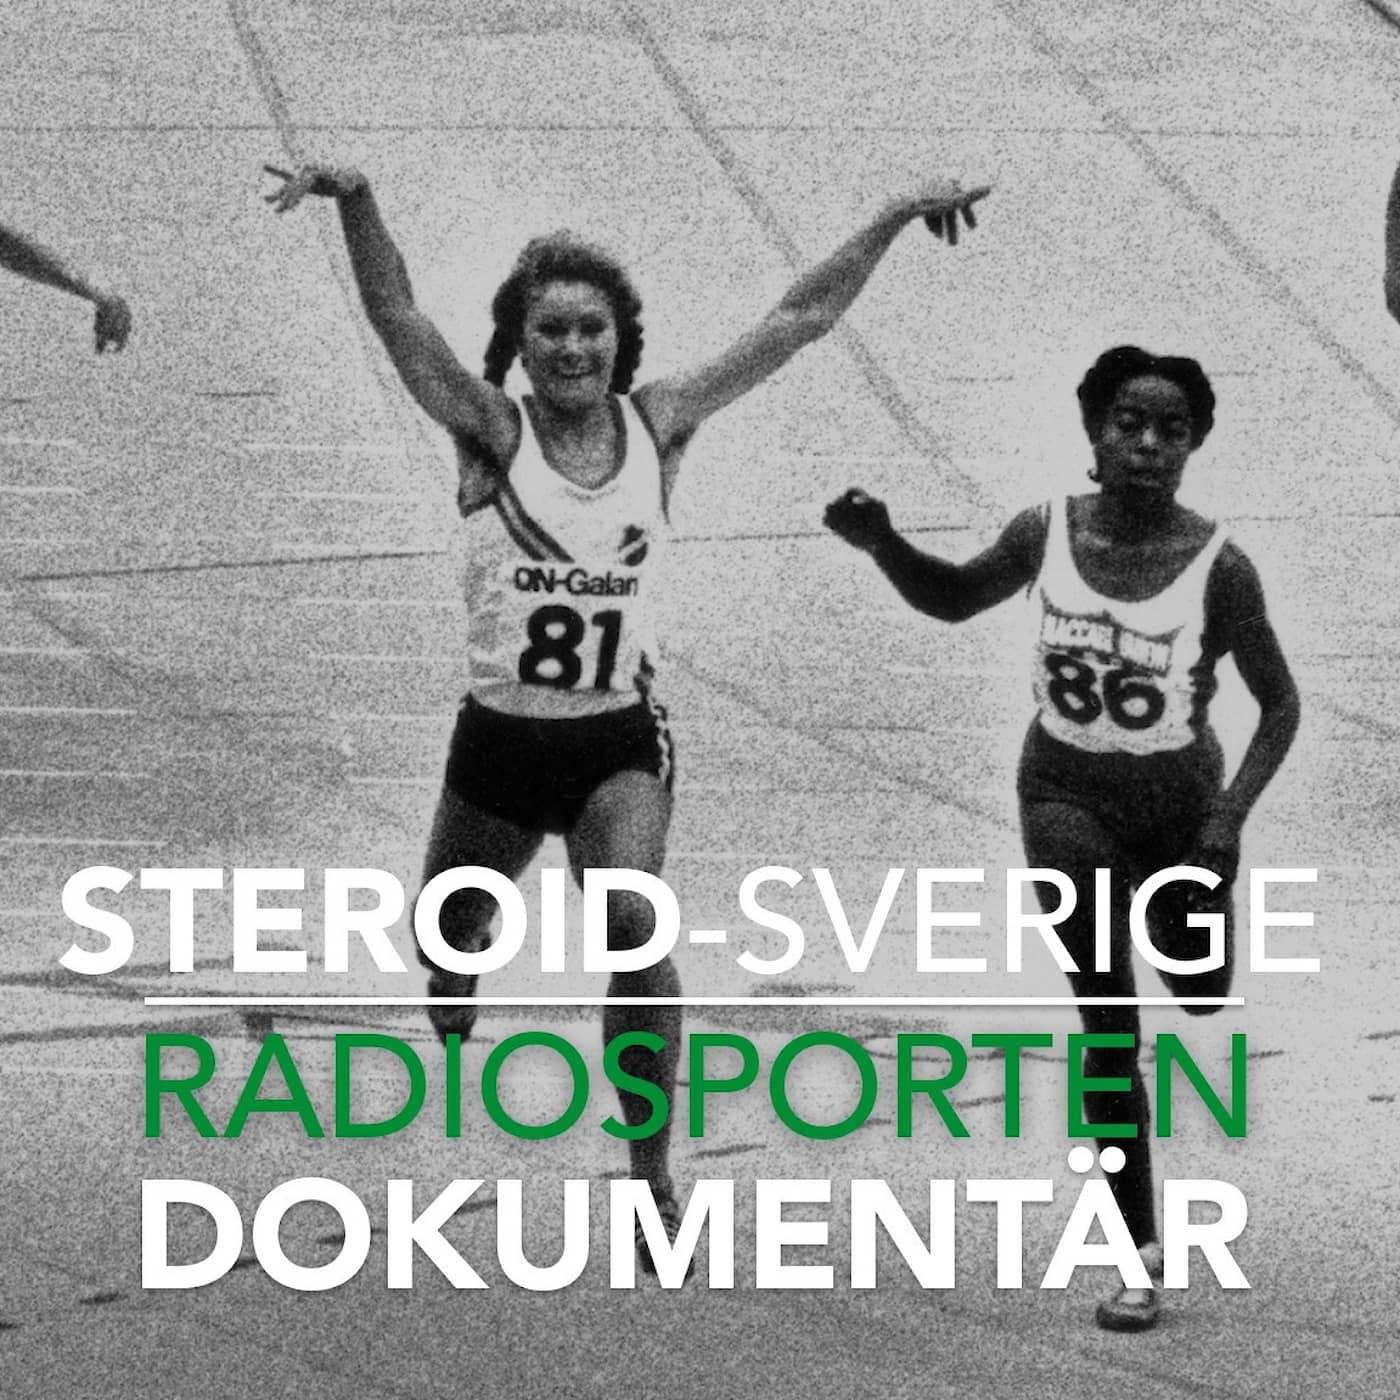 Steroid-Sverige